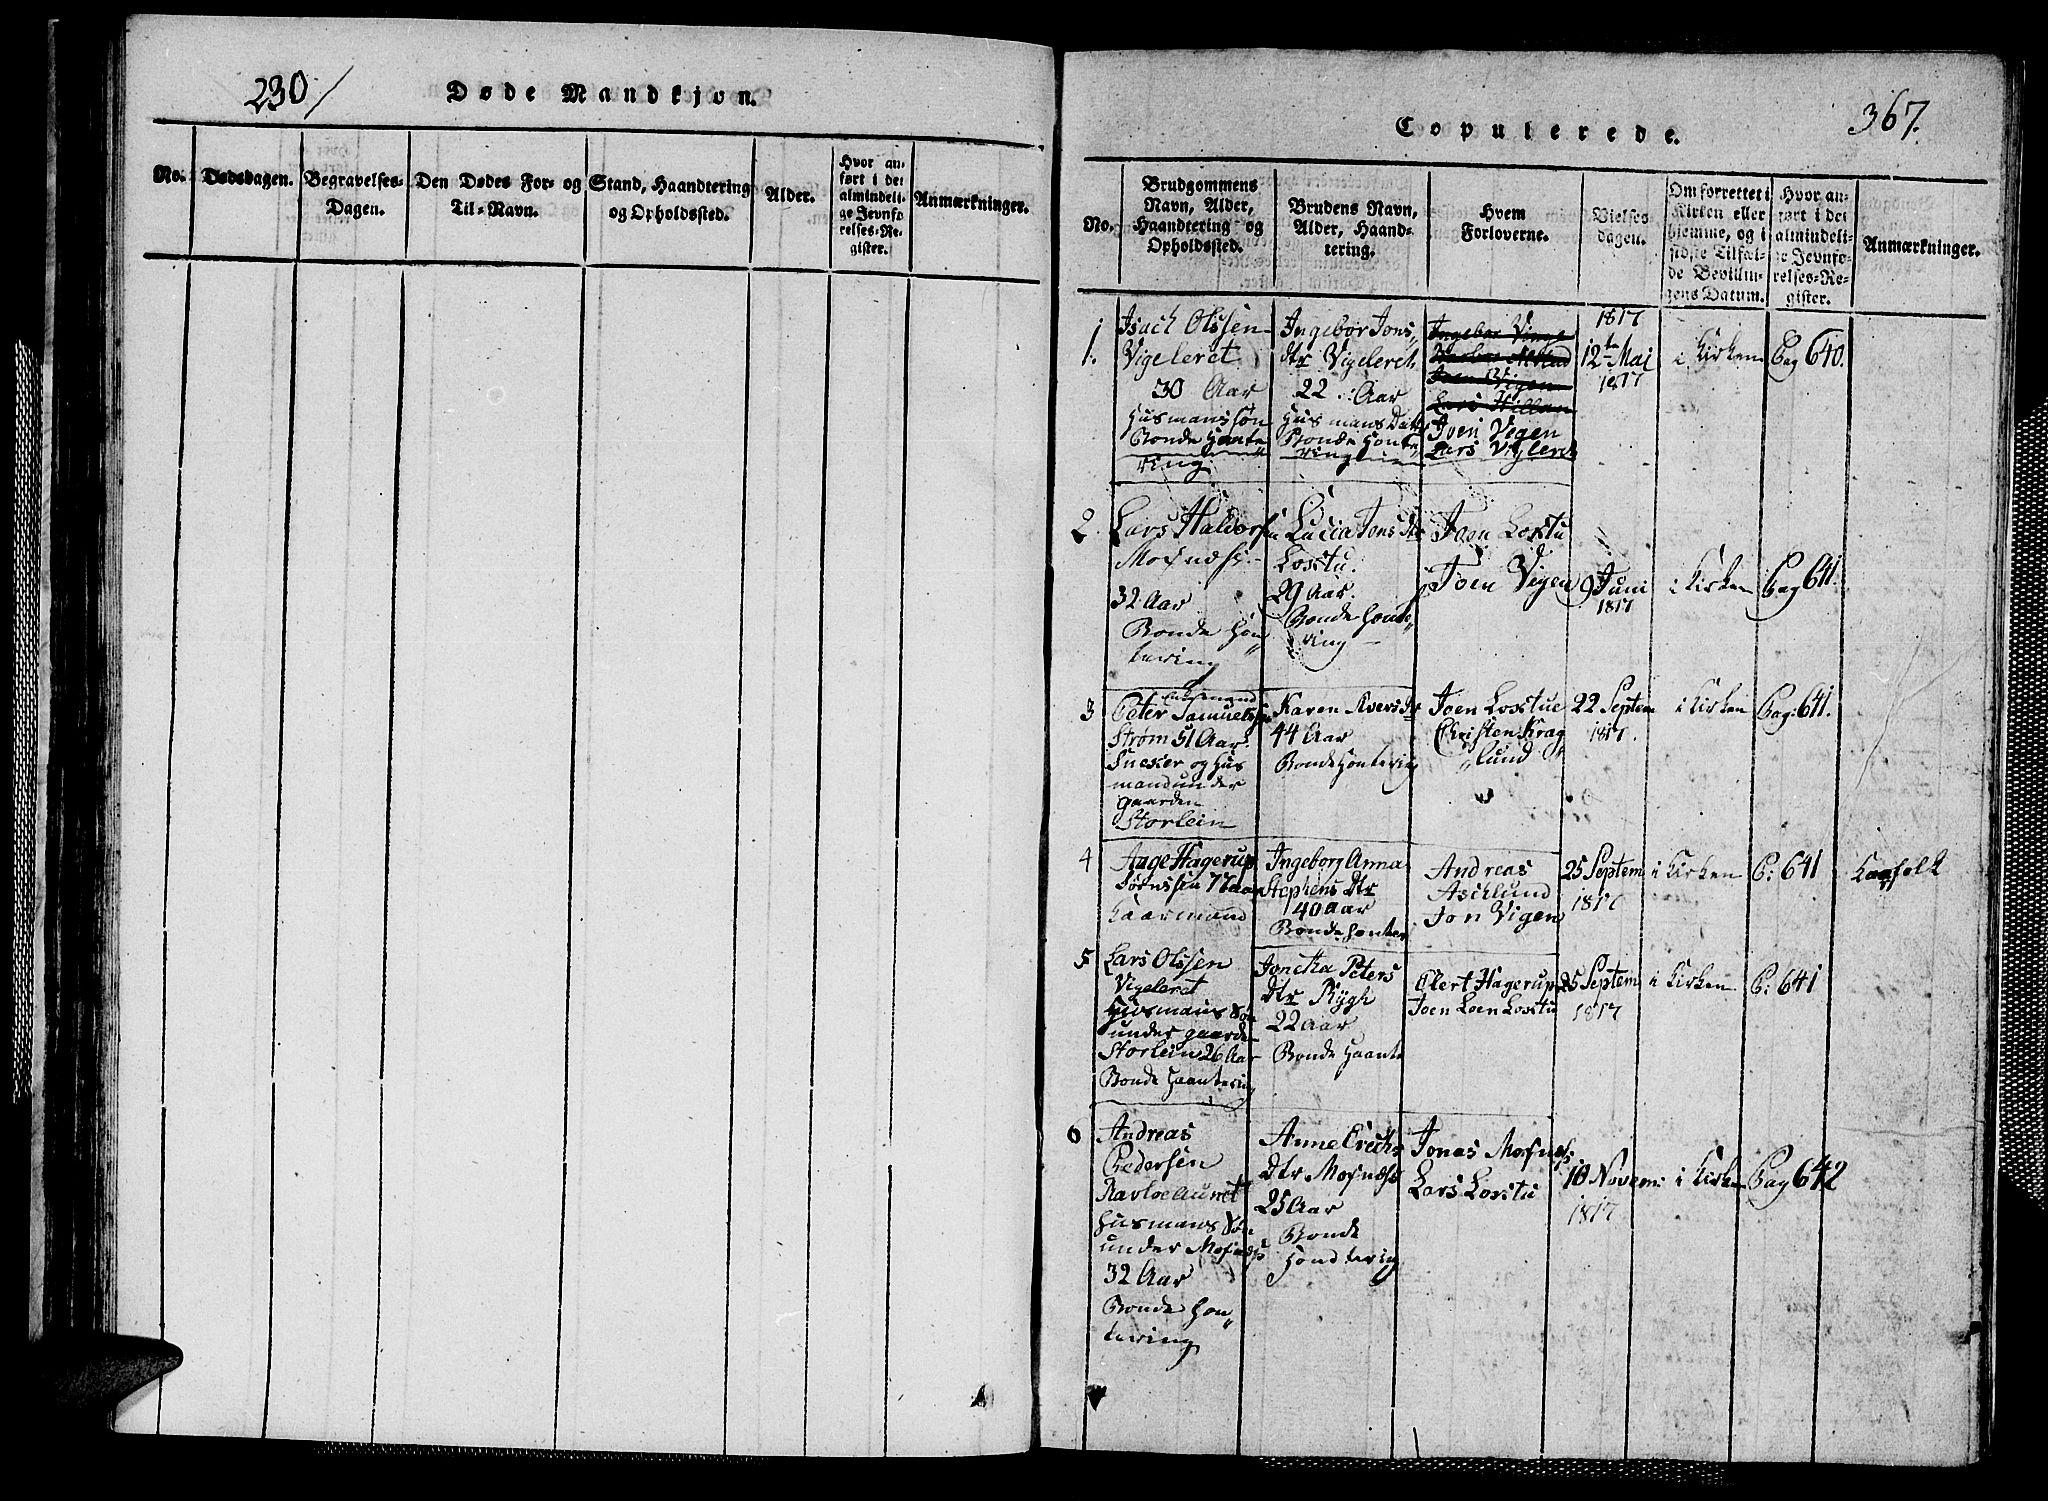 SAT, Ministerialprotokoller, klokkerbøker og fødselsregistre - Nord-Trøndelag, 713/L0124: Klokkerbok nr. 713C01, 1817-1827, s. 290-367